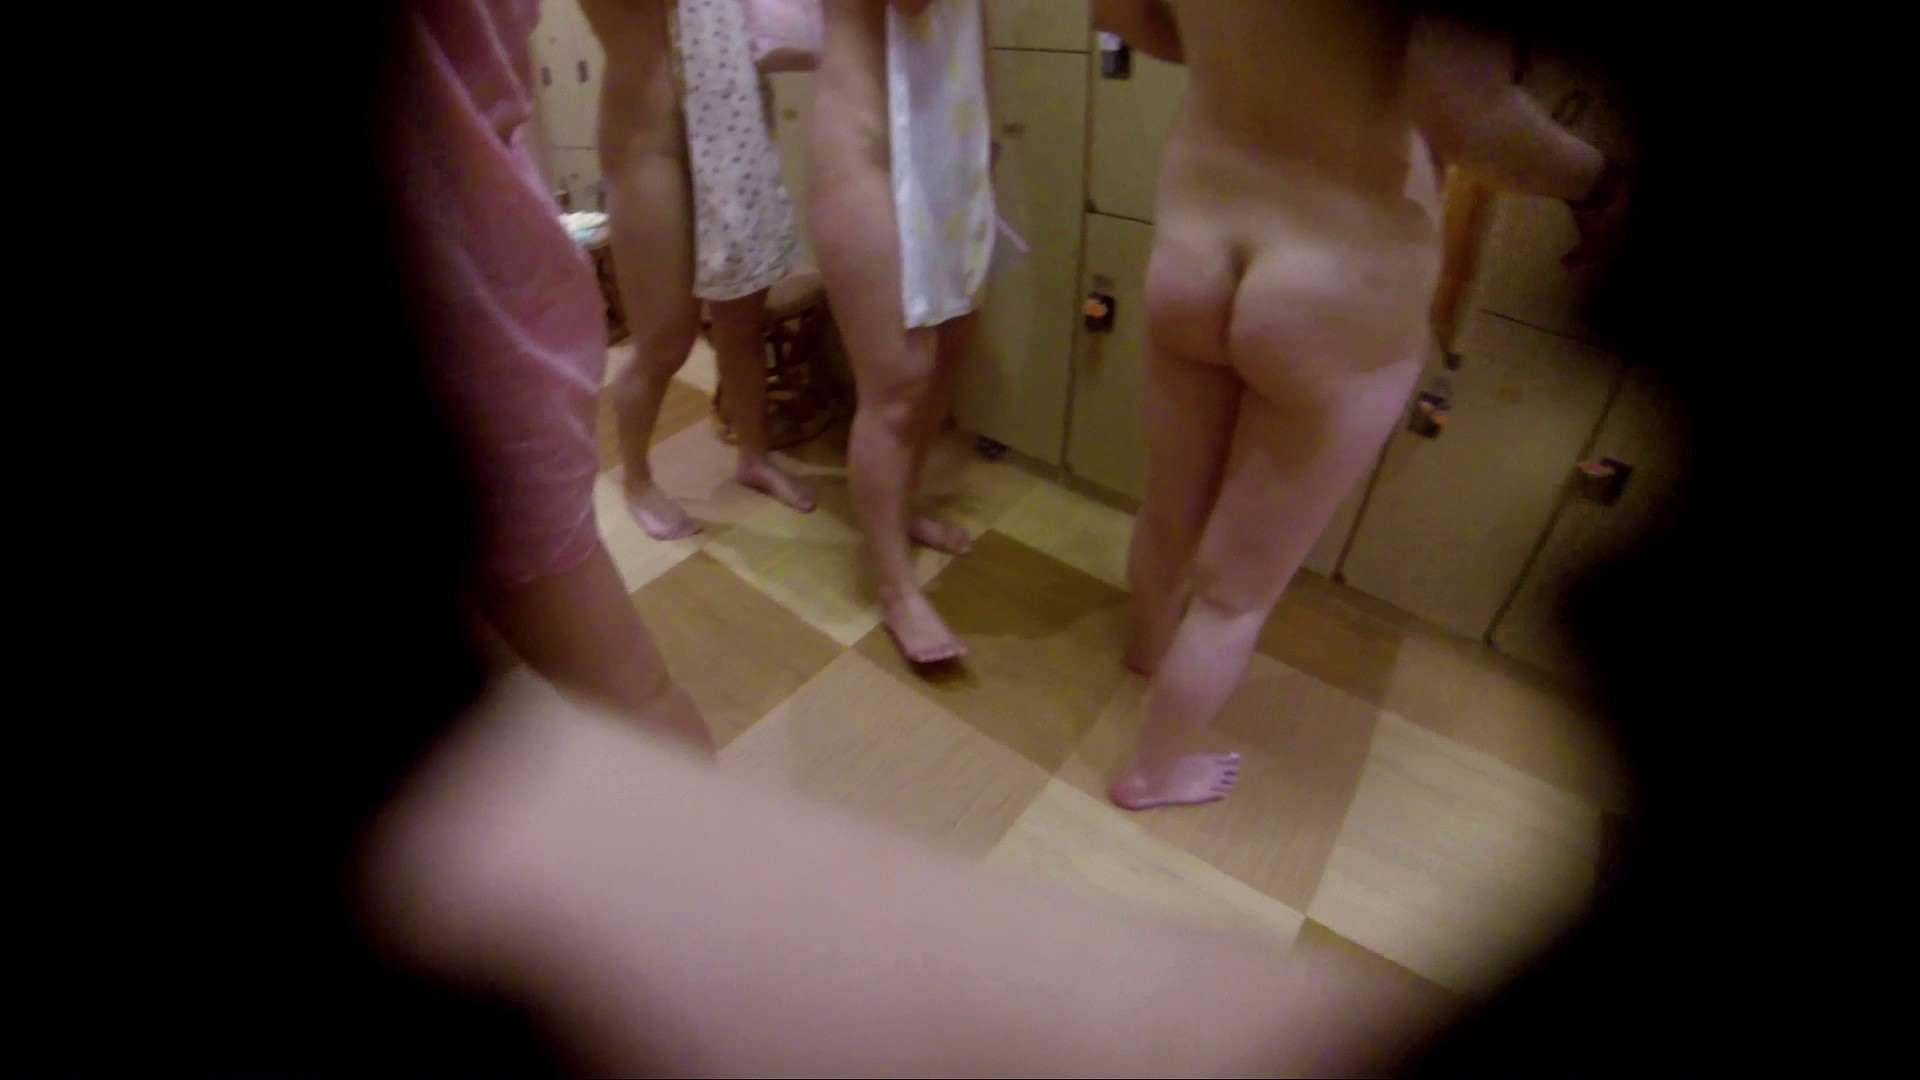 追い撮り!脱衣~洗い場、徹底追跡!撮り師さんに拍手!! むっちり | 追跡  95画像 28